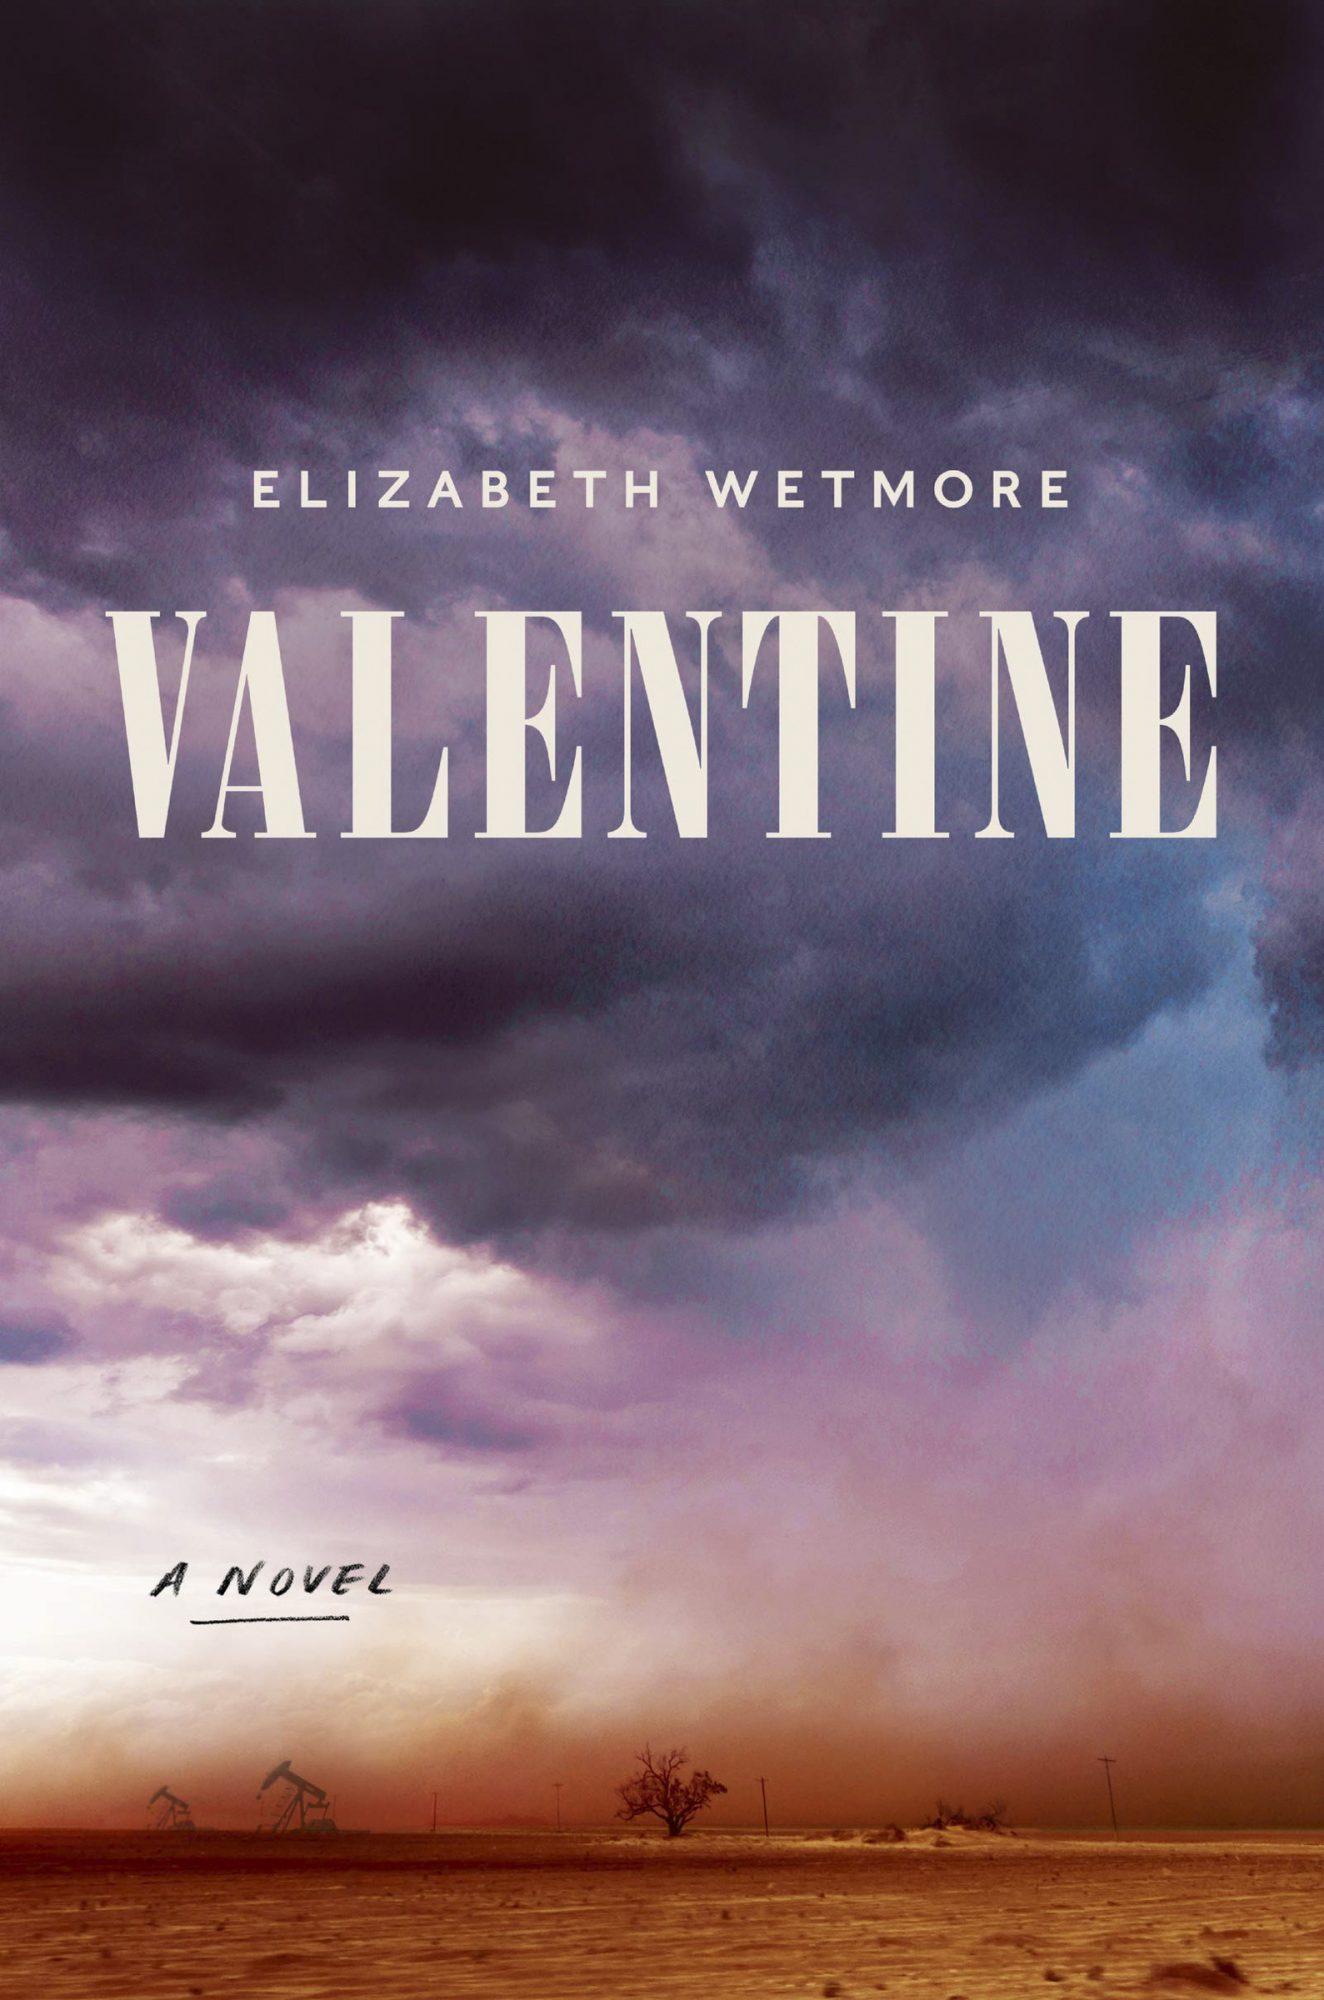 Valentine by Elizabeth Wetmore CR: Harper